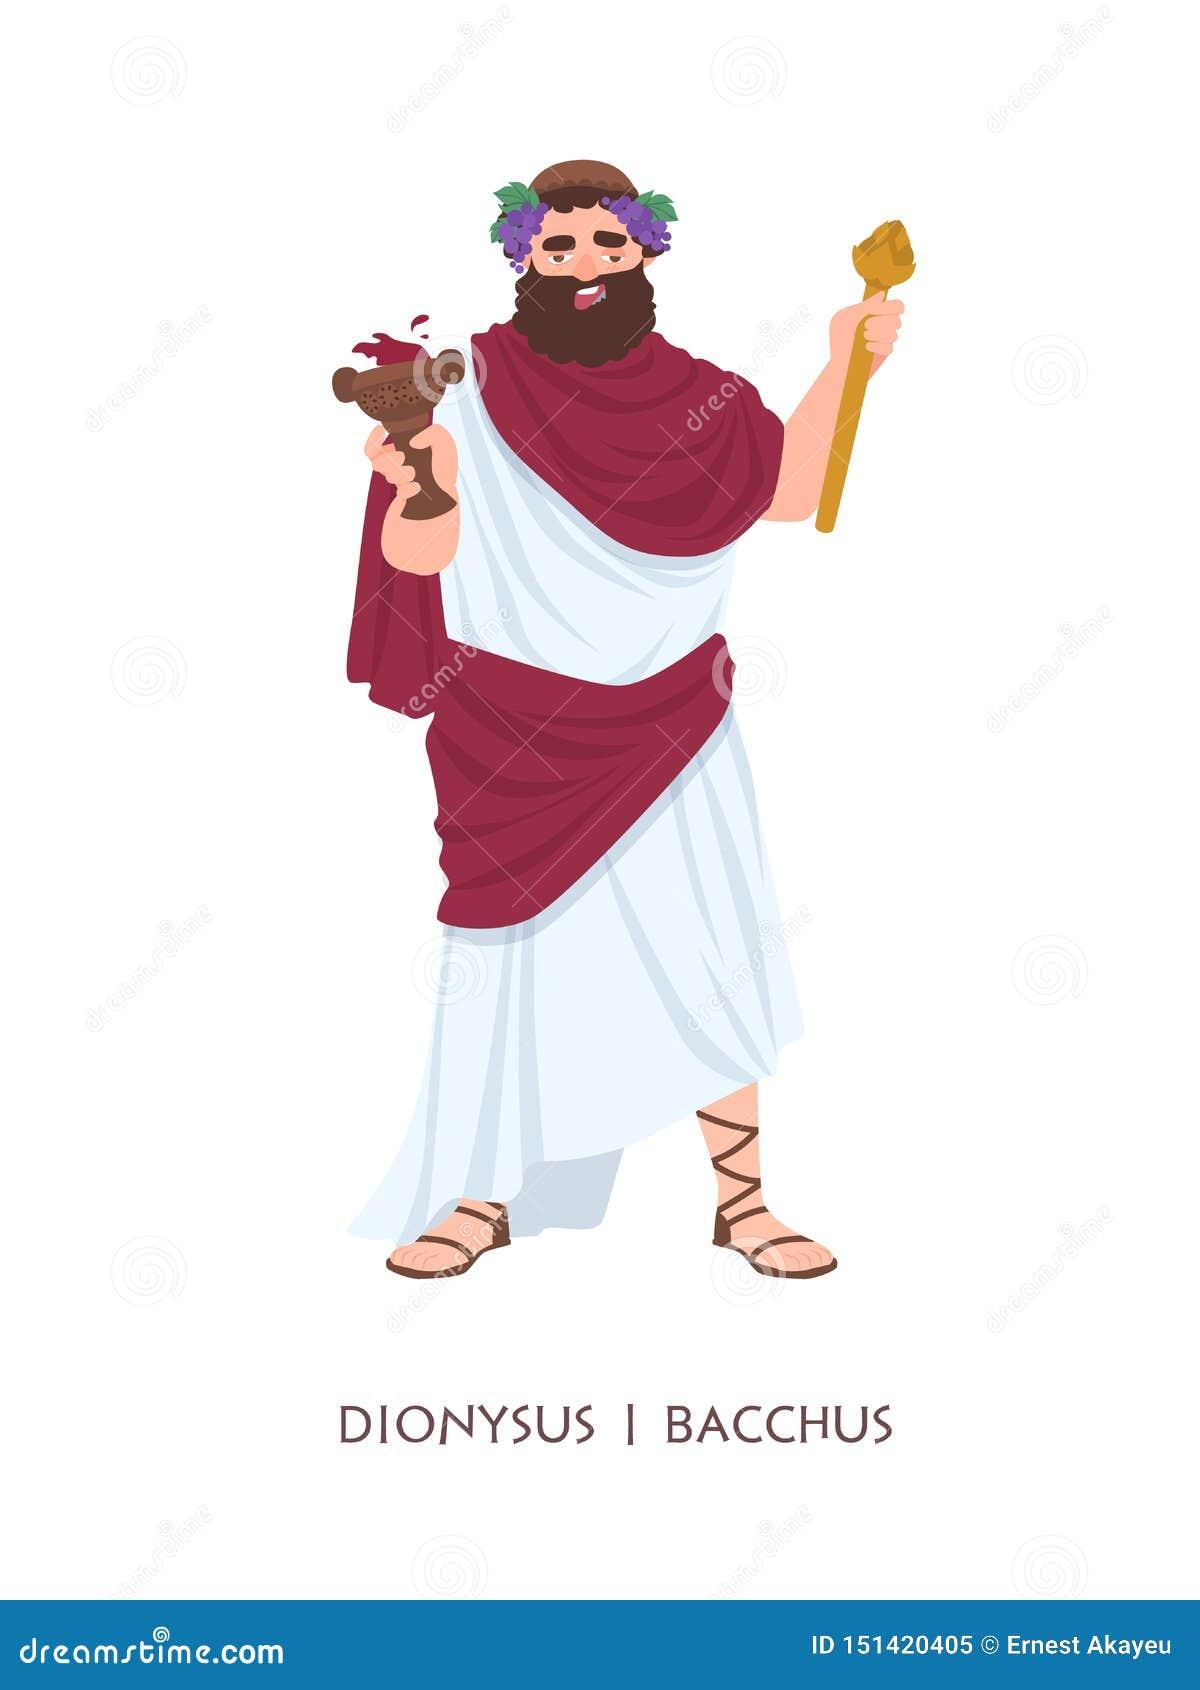 Dionysus of Bacchus - god of deity van wijn, wijnbereiding en vruchtbaarheid in oude Griekse en Roman godsdienst of mythologie